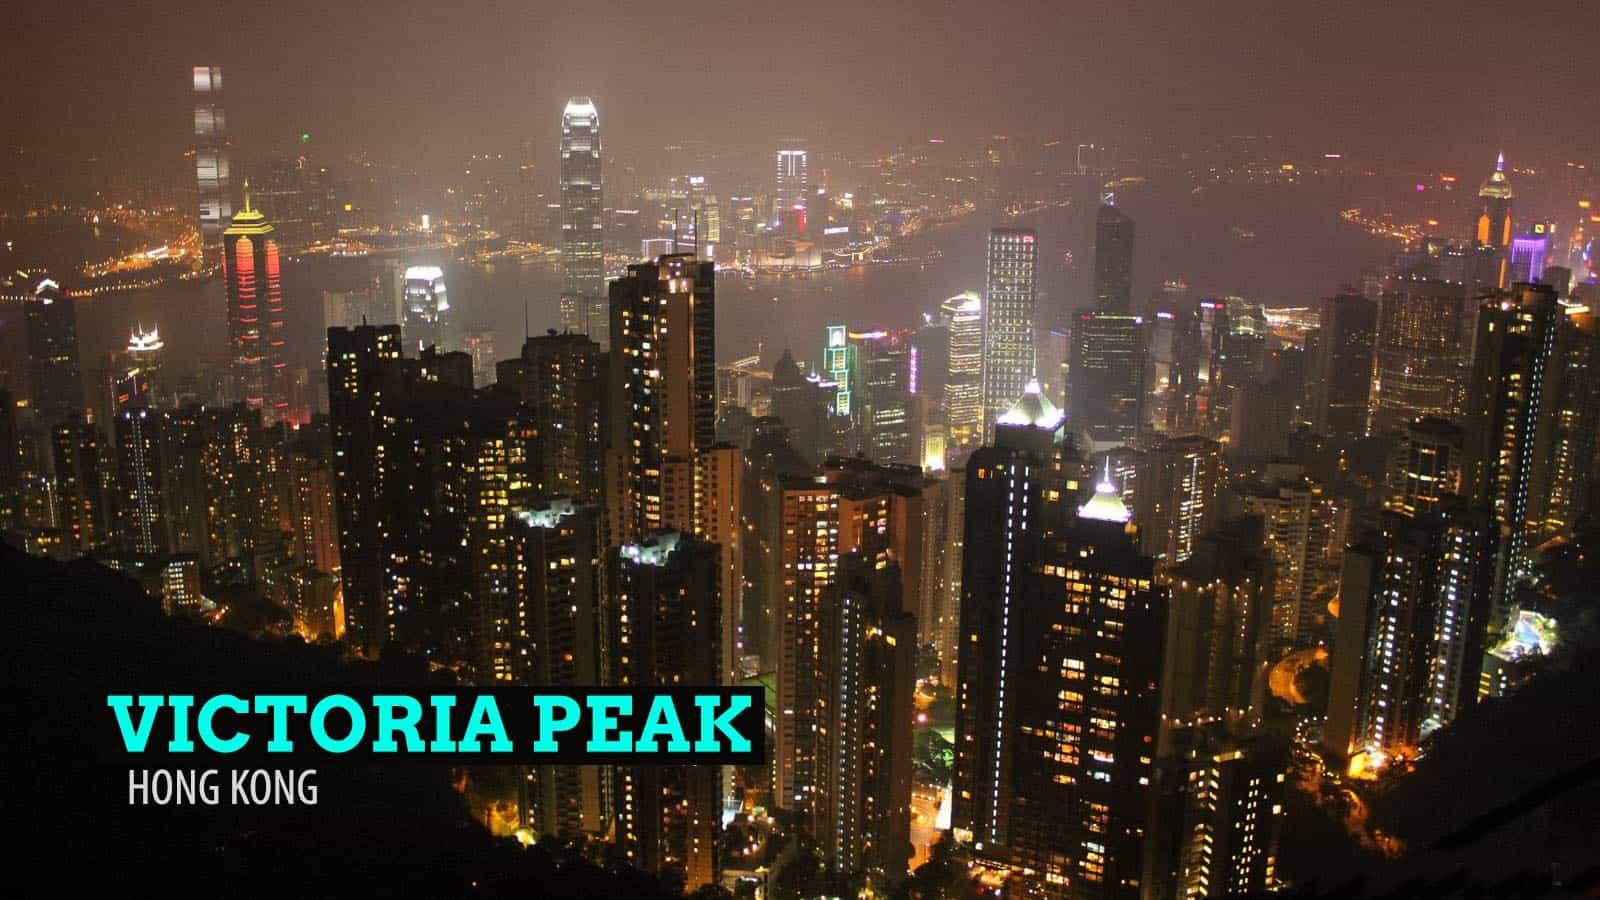 维多利亚峰:从香港最高处看超现实的视角 | 穷游者行程博客